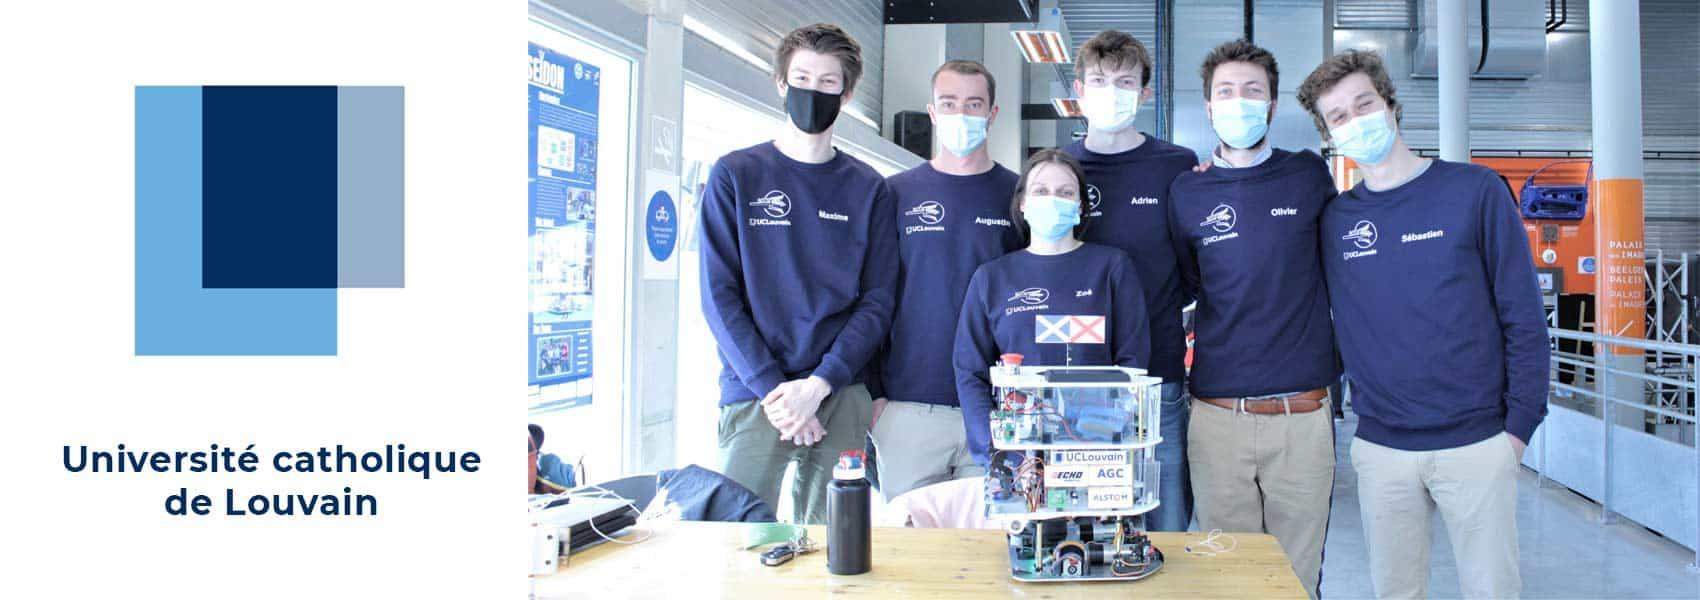 UC-Louvain-Eurobot-Blog-Banner